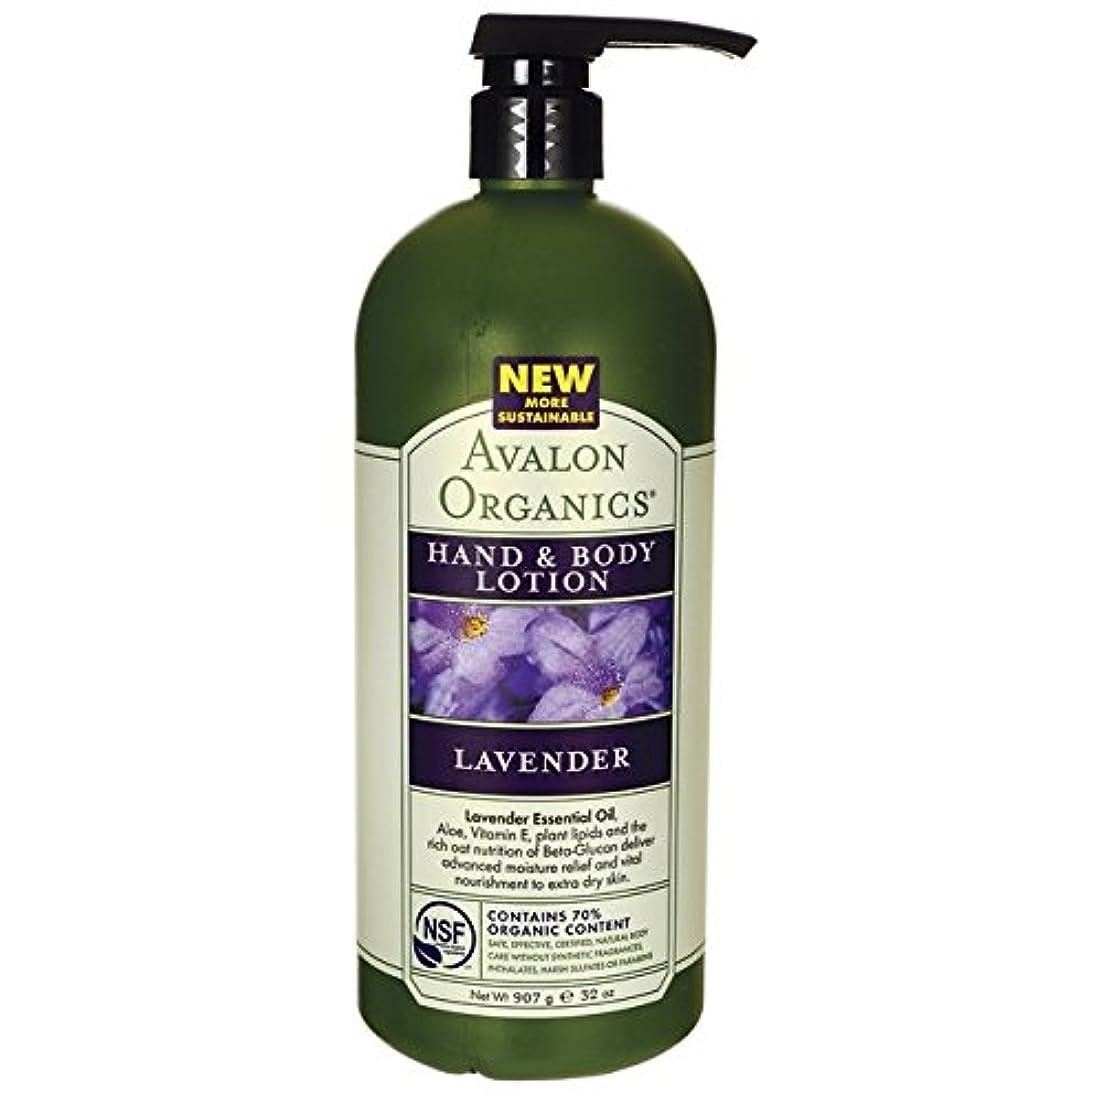 【Avalon Organics】 ハンド&ボディーローション ラベンダーの香り 907g [並行輸入品]